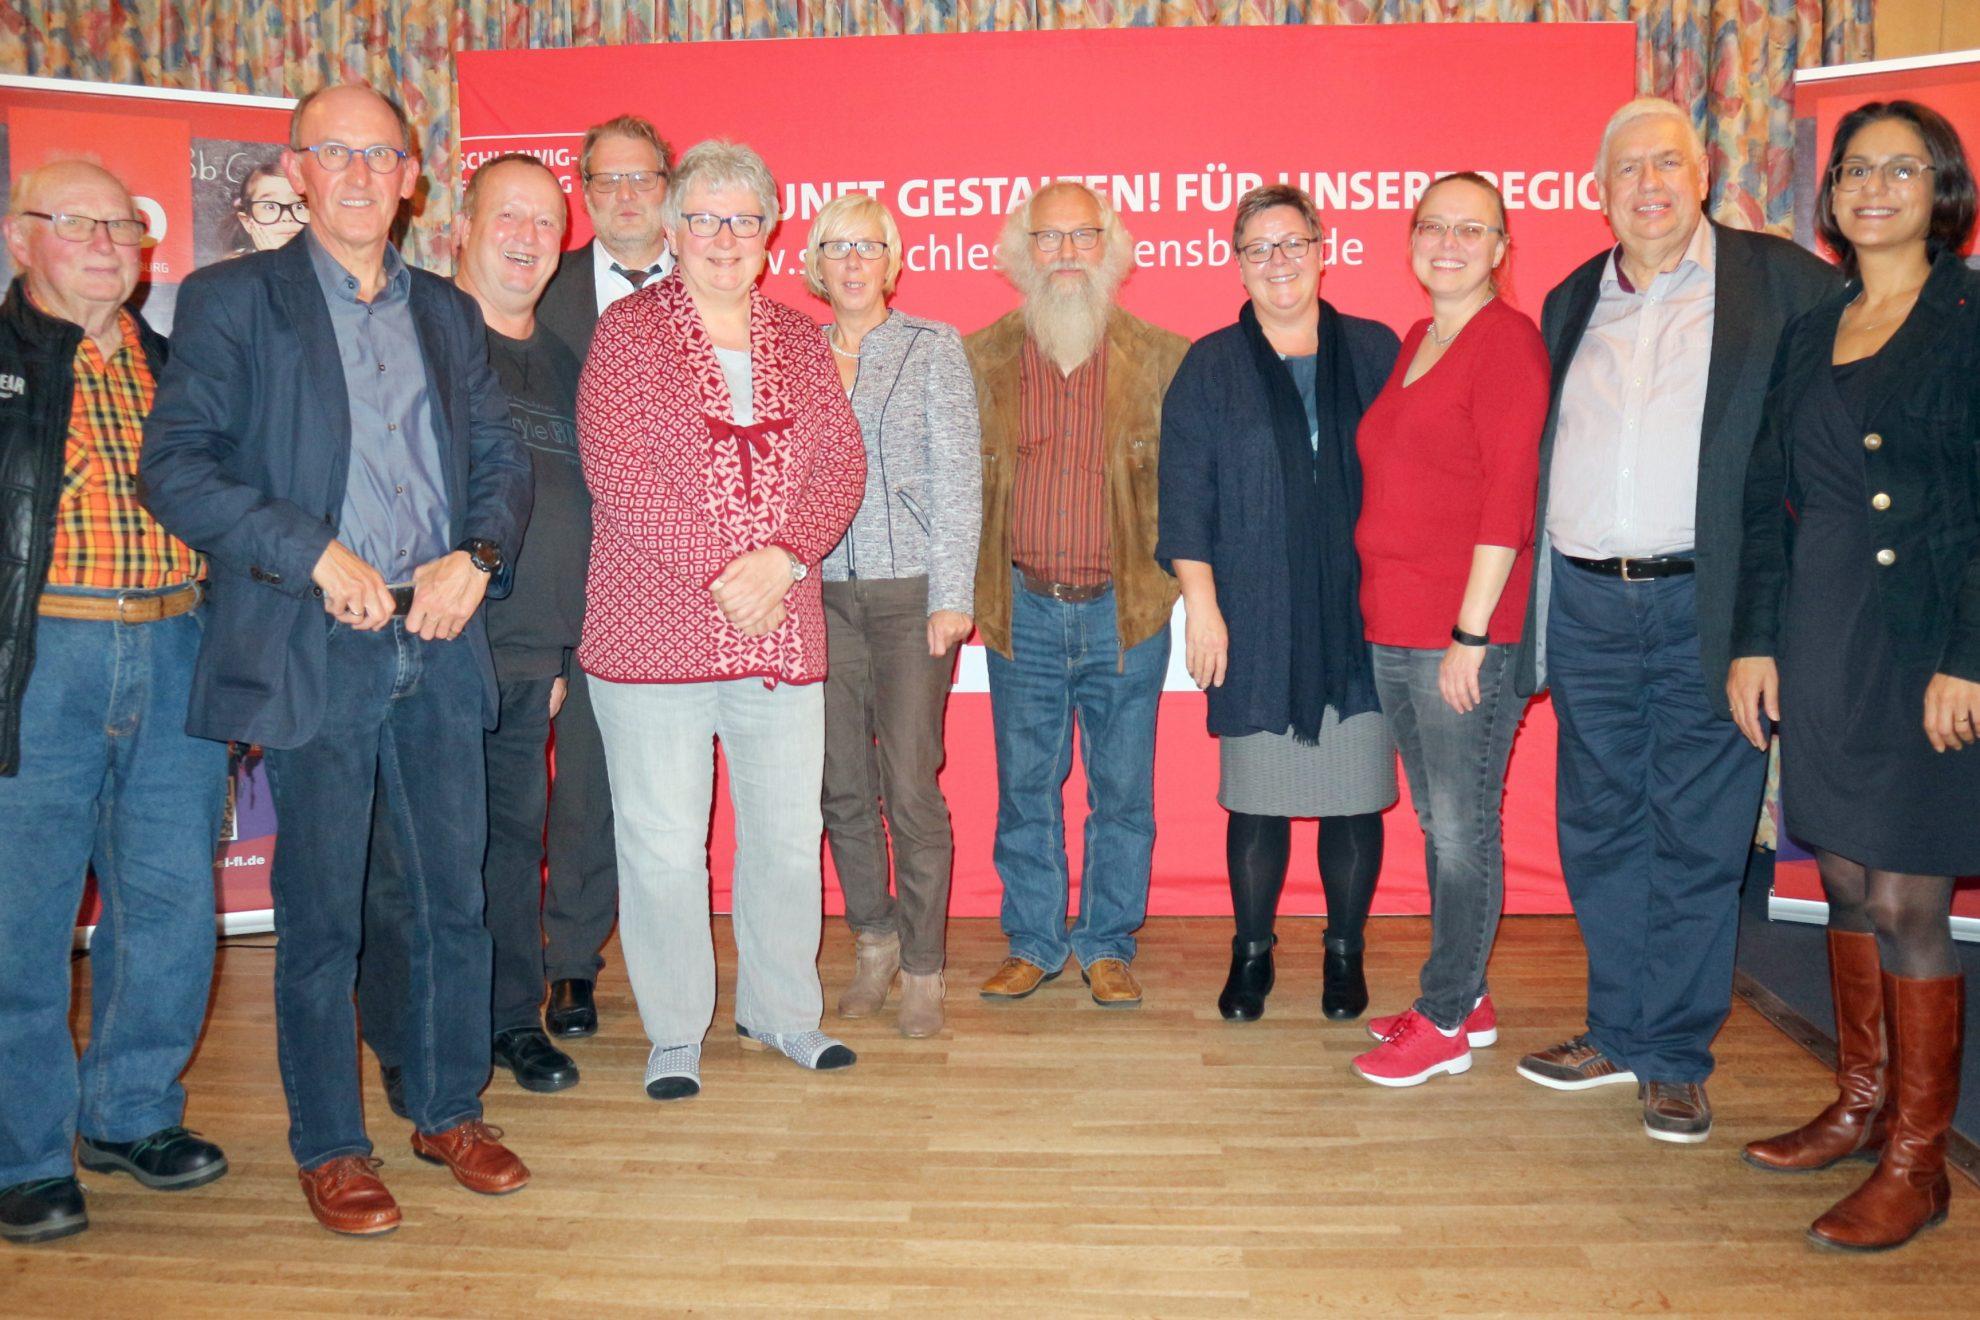 Gruppenbild mit Birte Pauls, Simone Ullmann, Serpil Mityatli und Mitgliedern des Ortsvereins der SPD Sörup